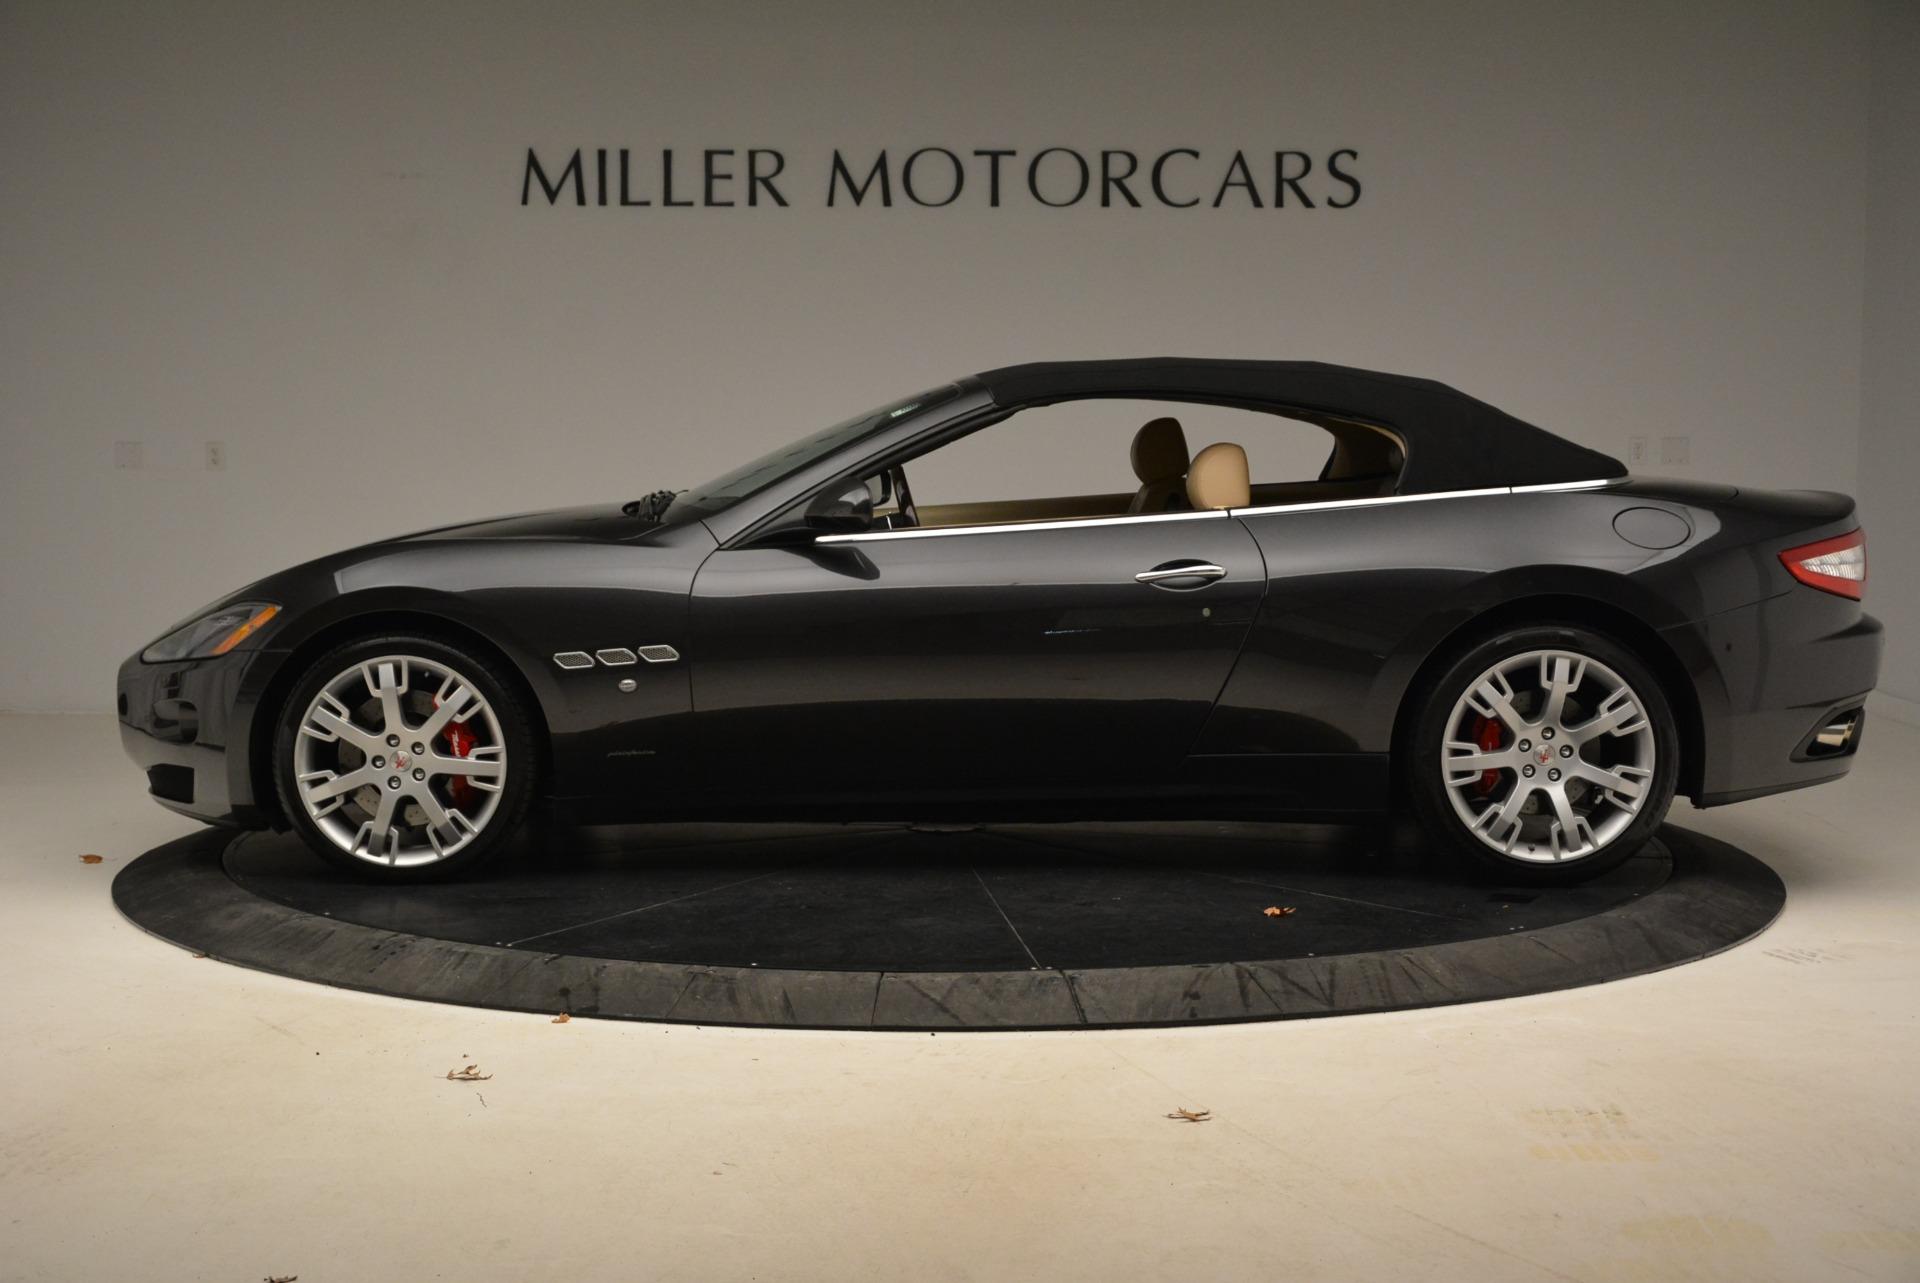 Used 2013 Maserati GranTurismo Convertible  For Sale In Greenwich, CT 2050_p15